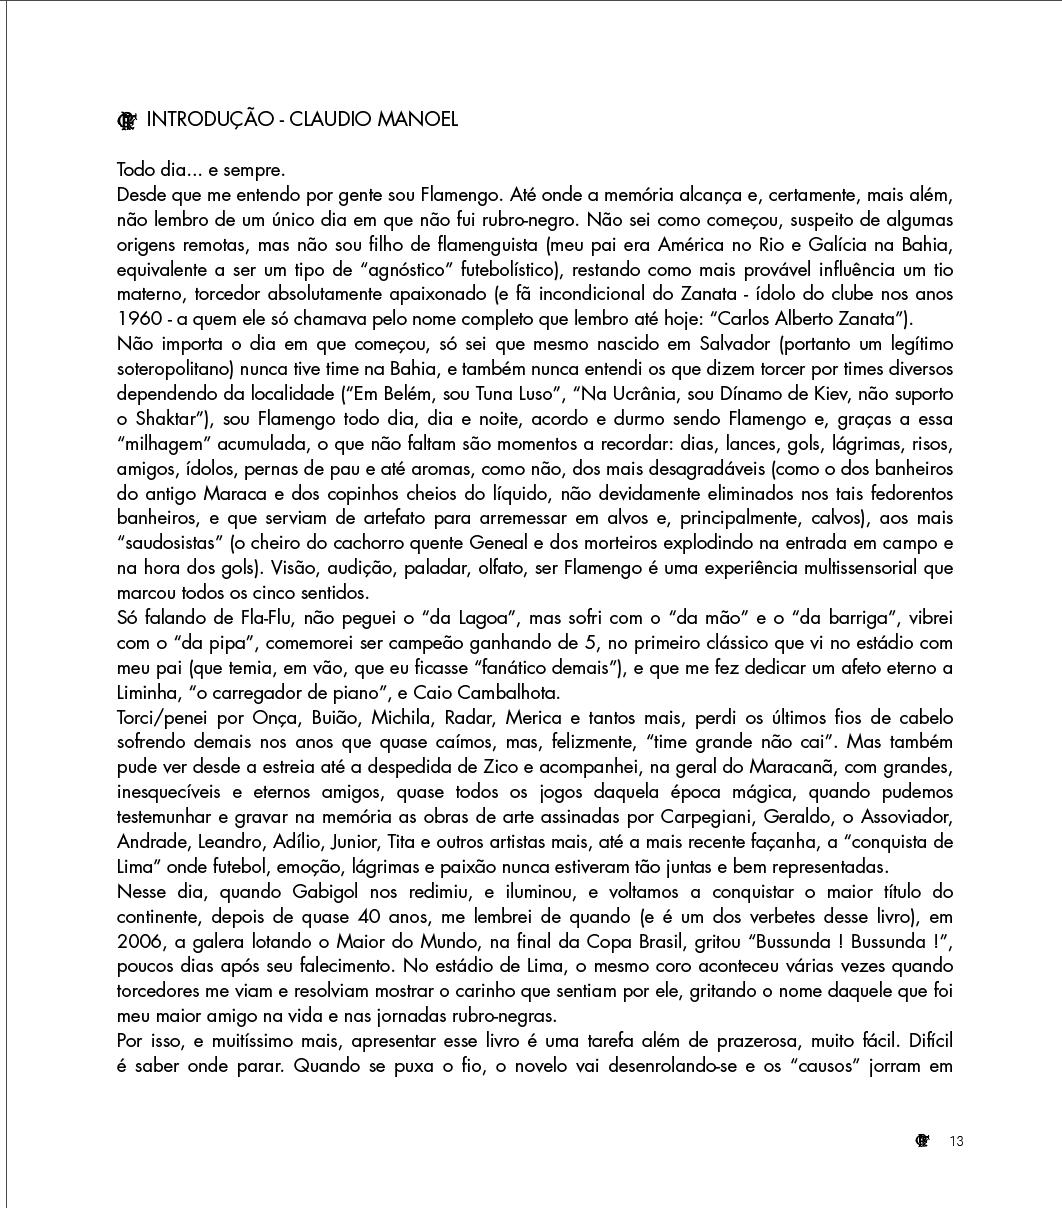 Introdução: Claudio Manoel